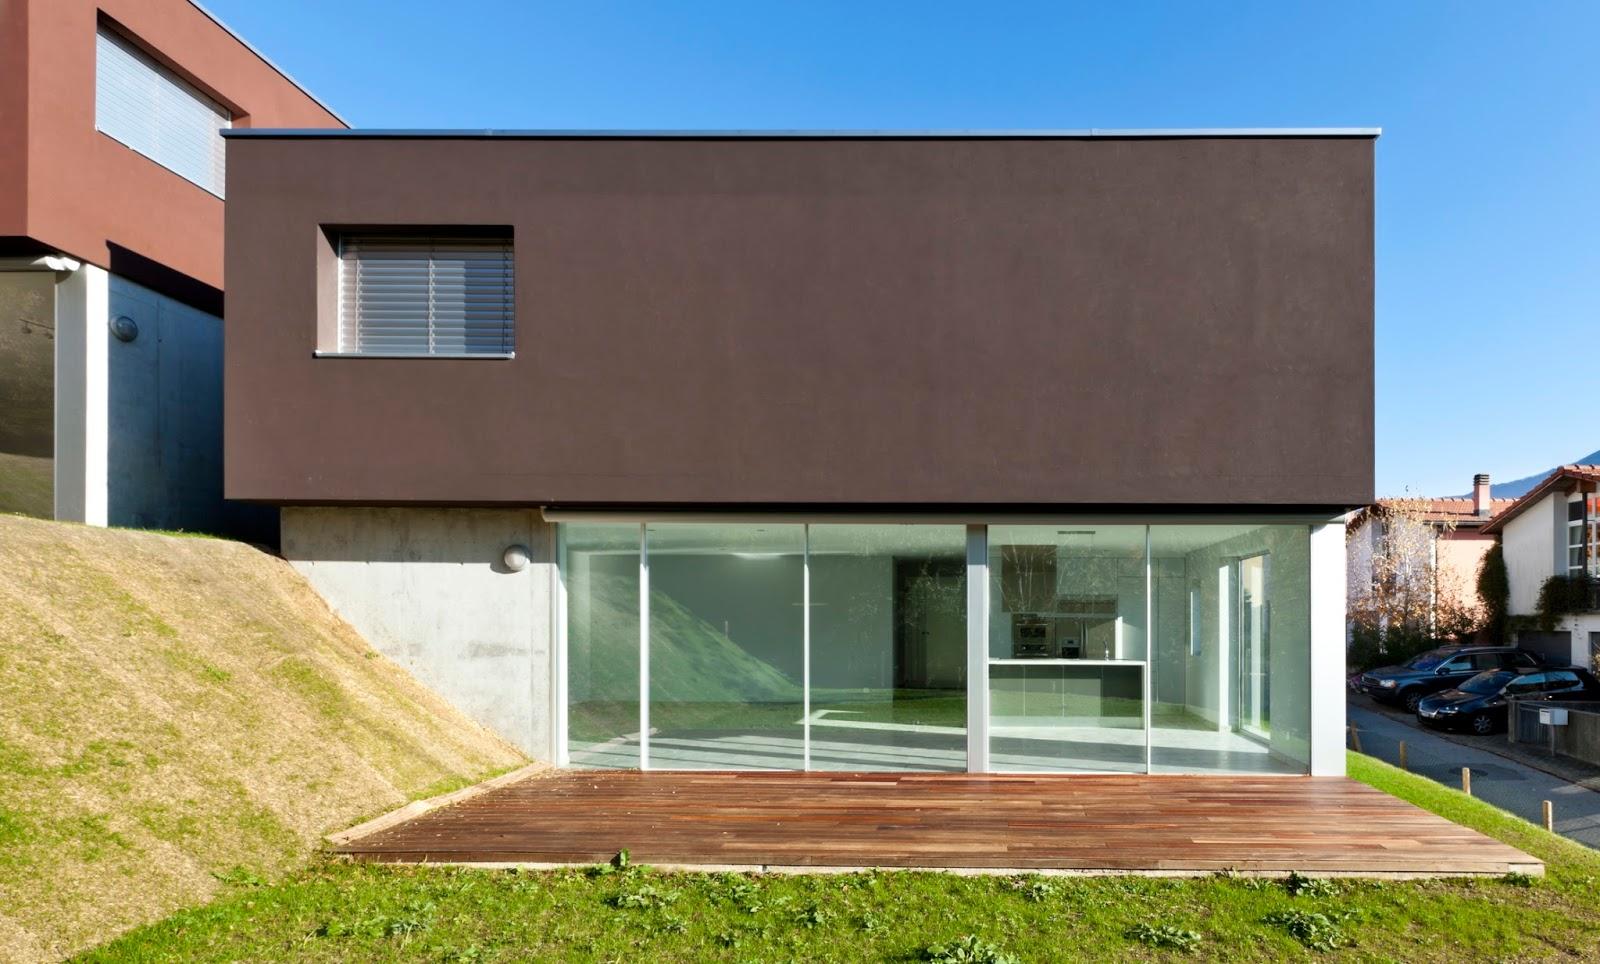 Ver fachadas de casas rusticas fachadas de casas for Fachadas casas modernas